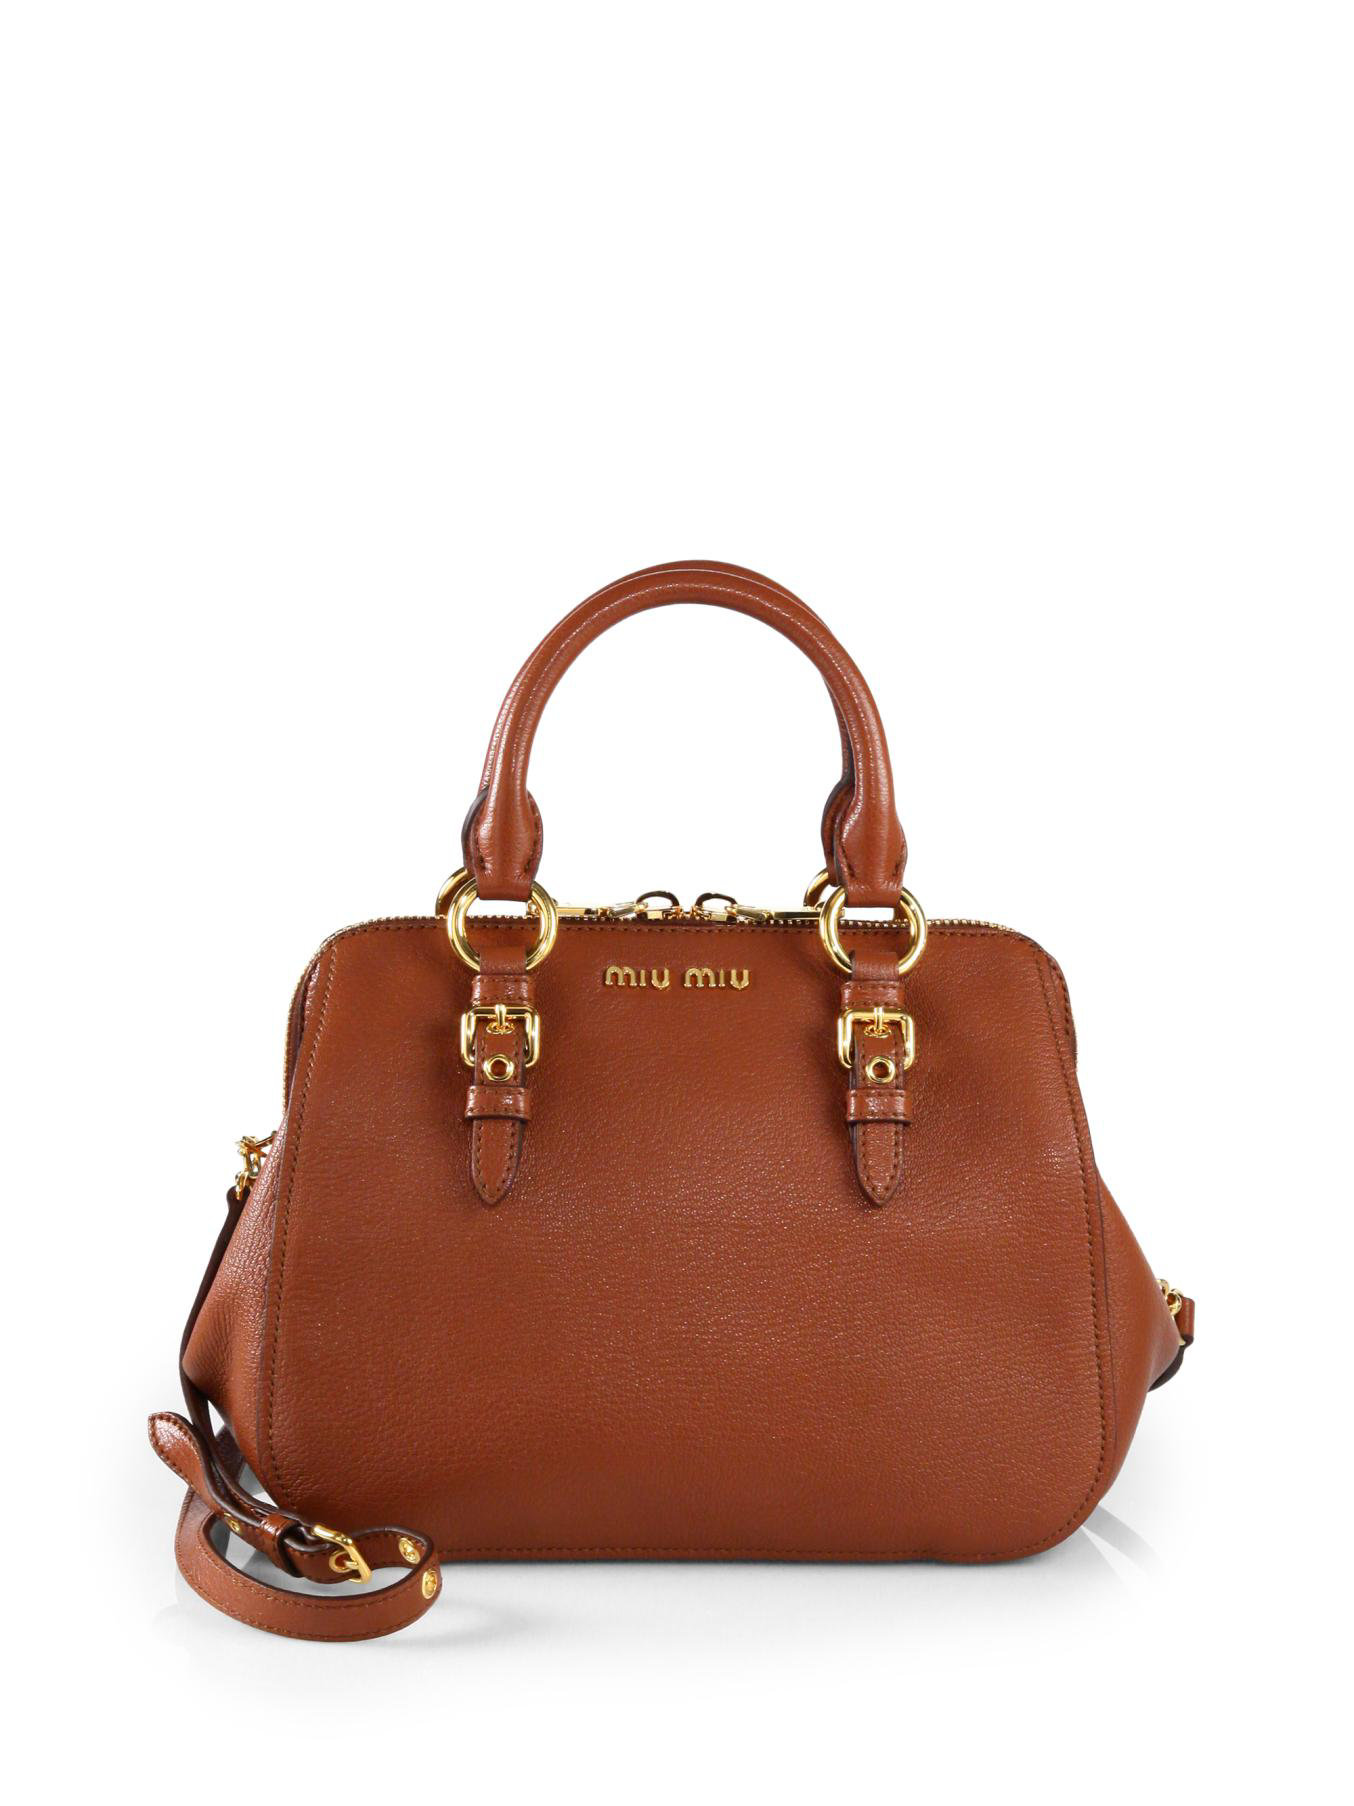 Miu Miu Top Handle Bag Sale